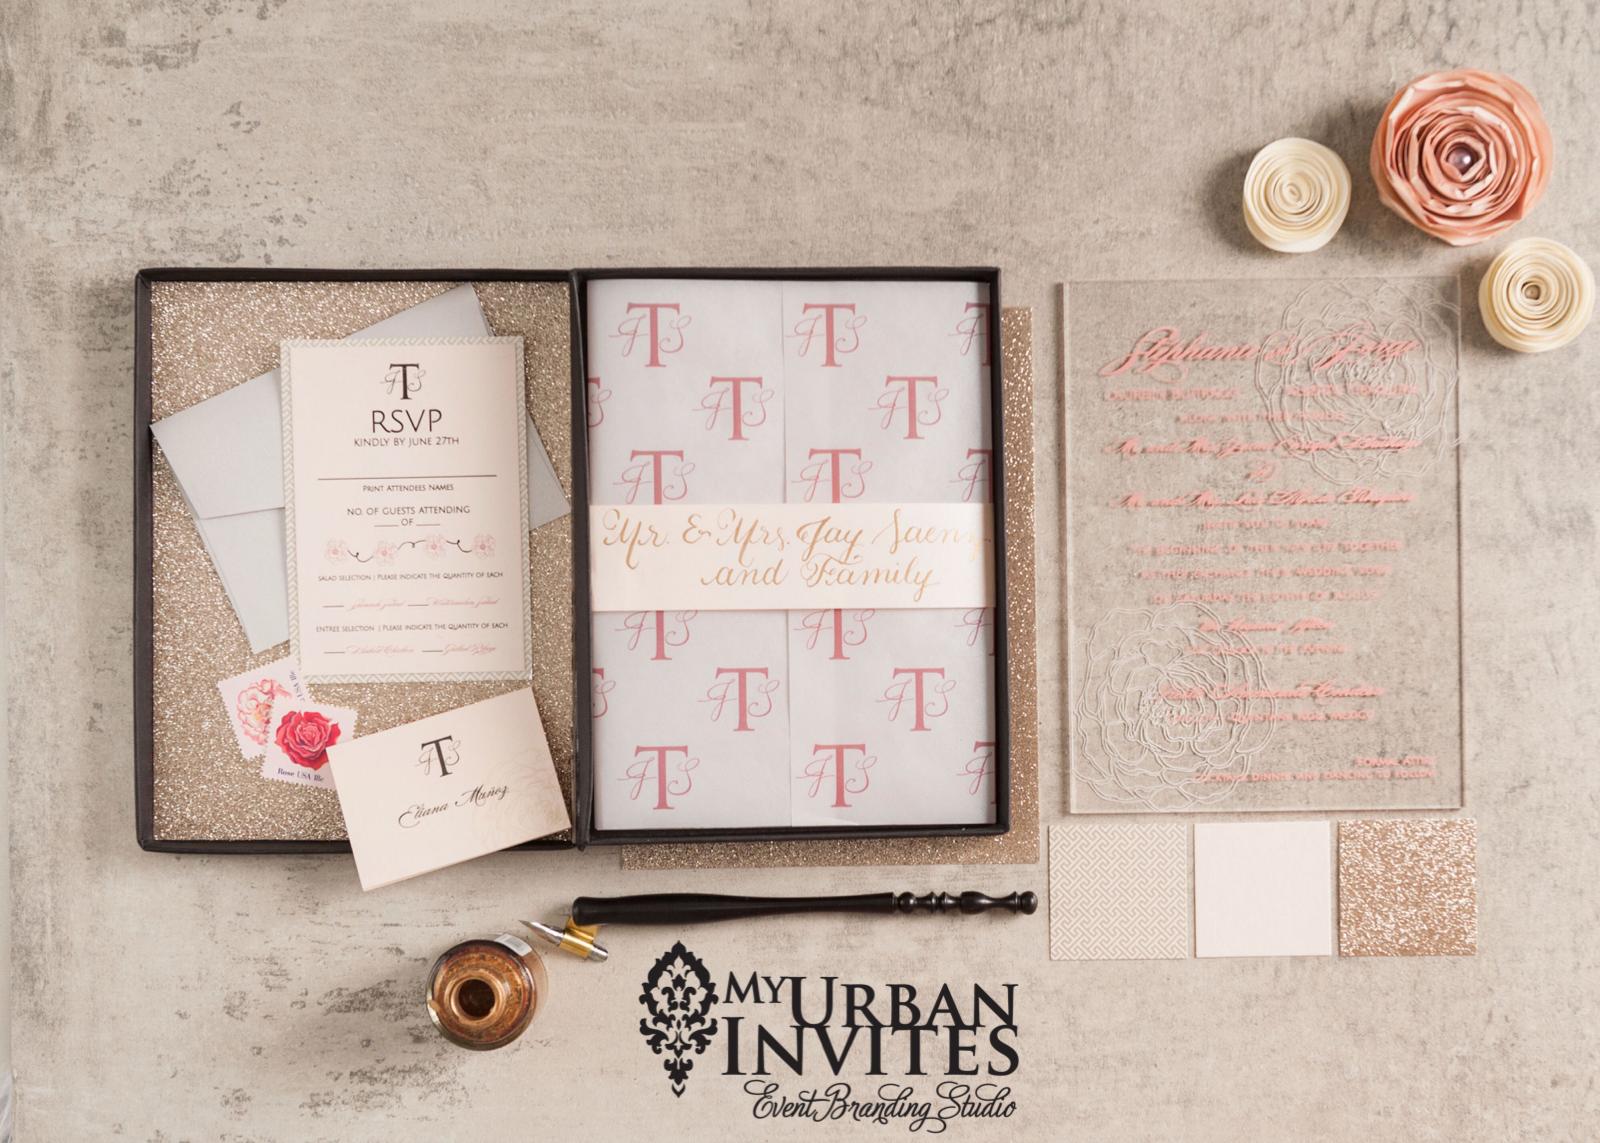 Acrylic, seethrough wedding invitation. Glitter, acrylic